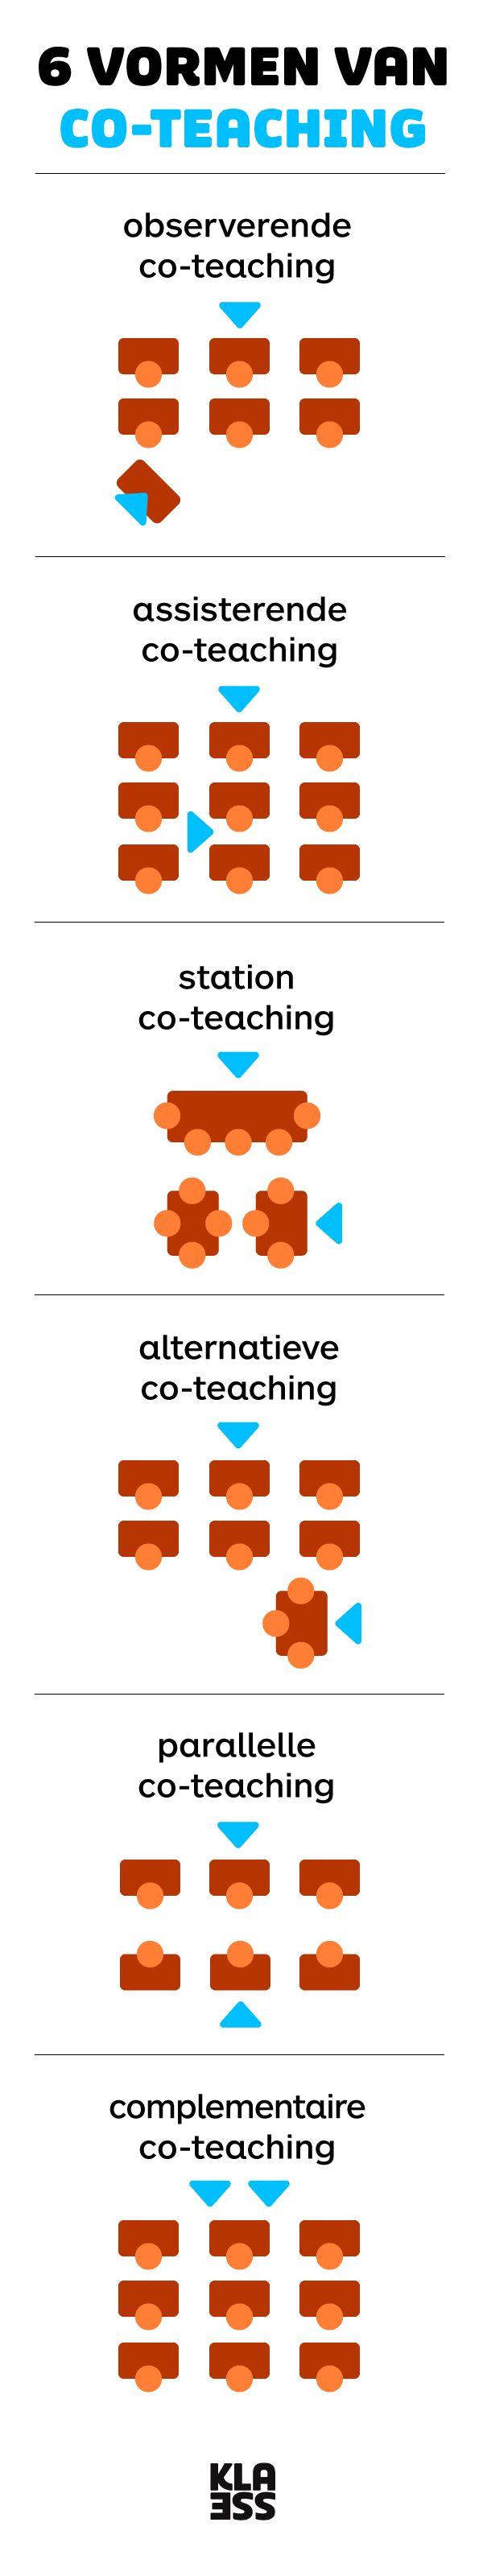 Ontdek de 6 vormen van co-teaching.